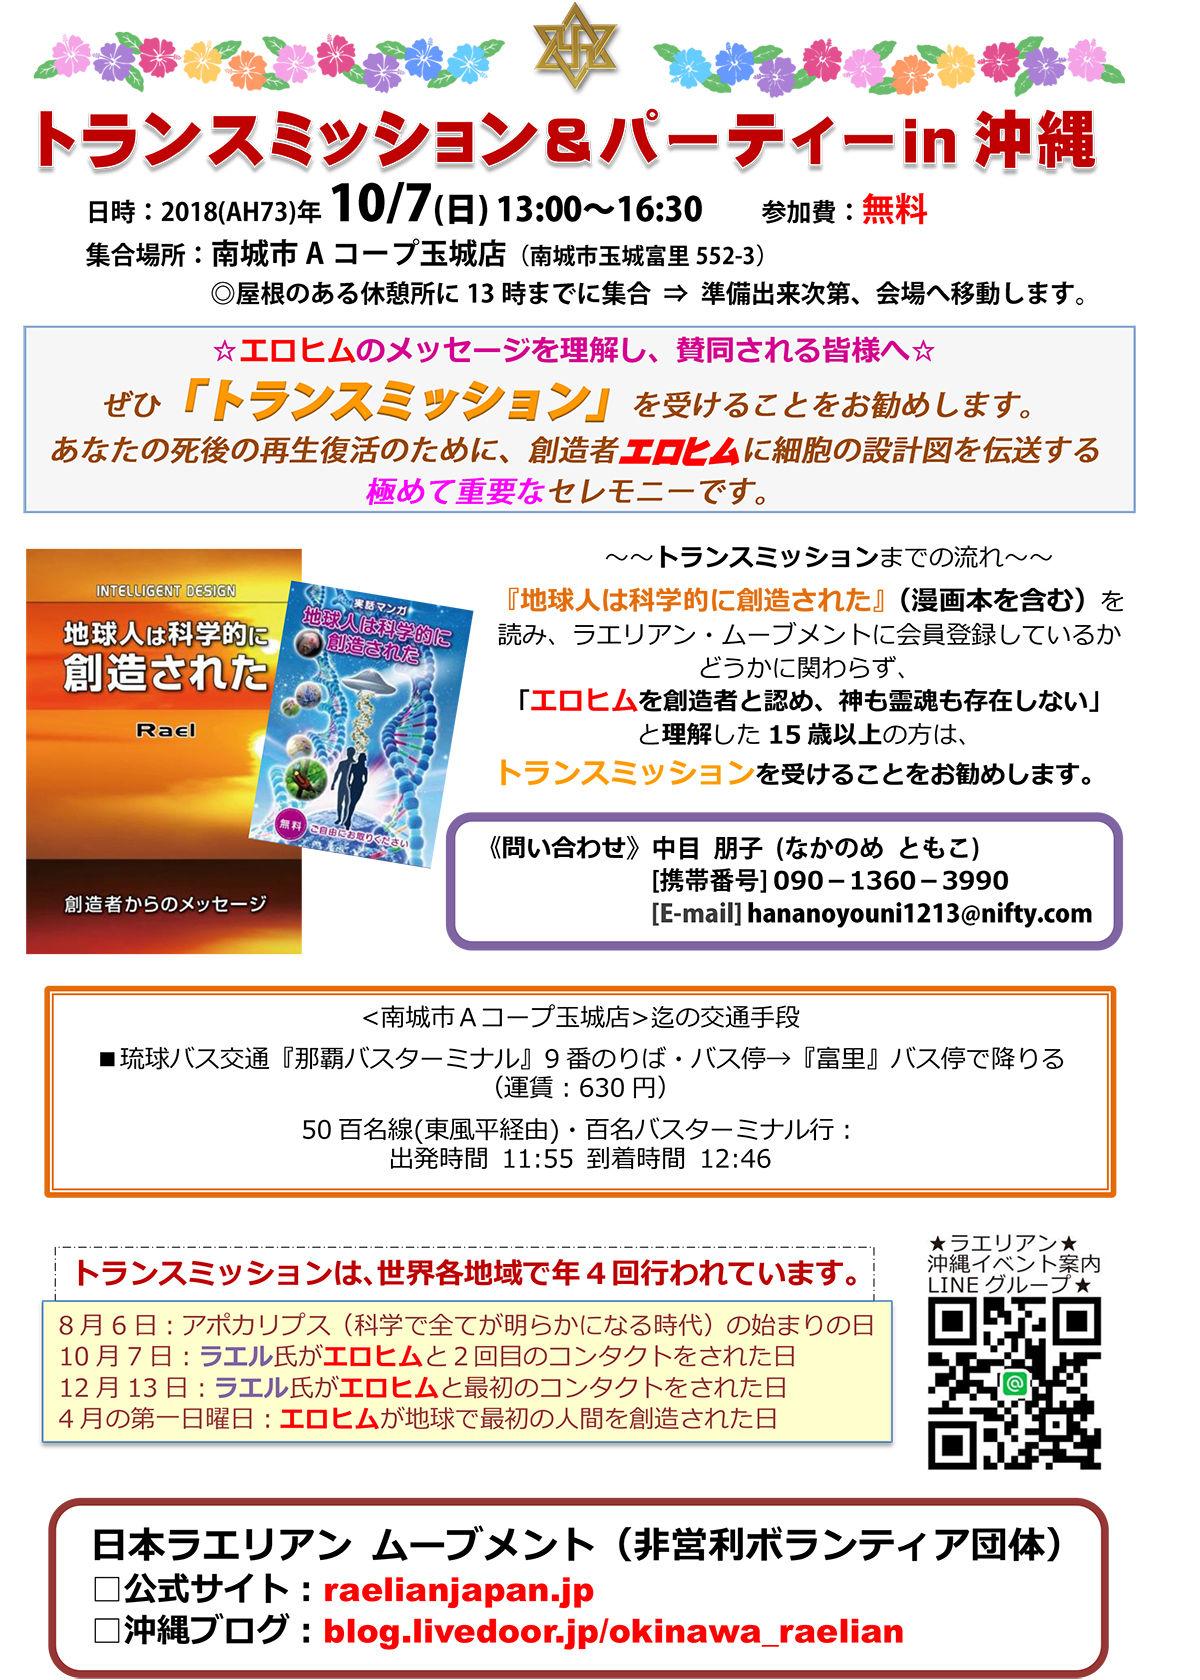 10/7(日)は、ラエル氏と一緒に!!トランスミッション&パーティー in 沖縄に、お気軽にお越しくださいませ♪